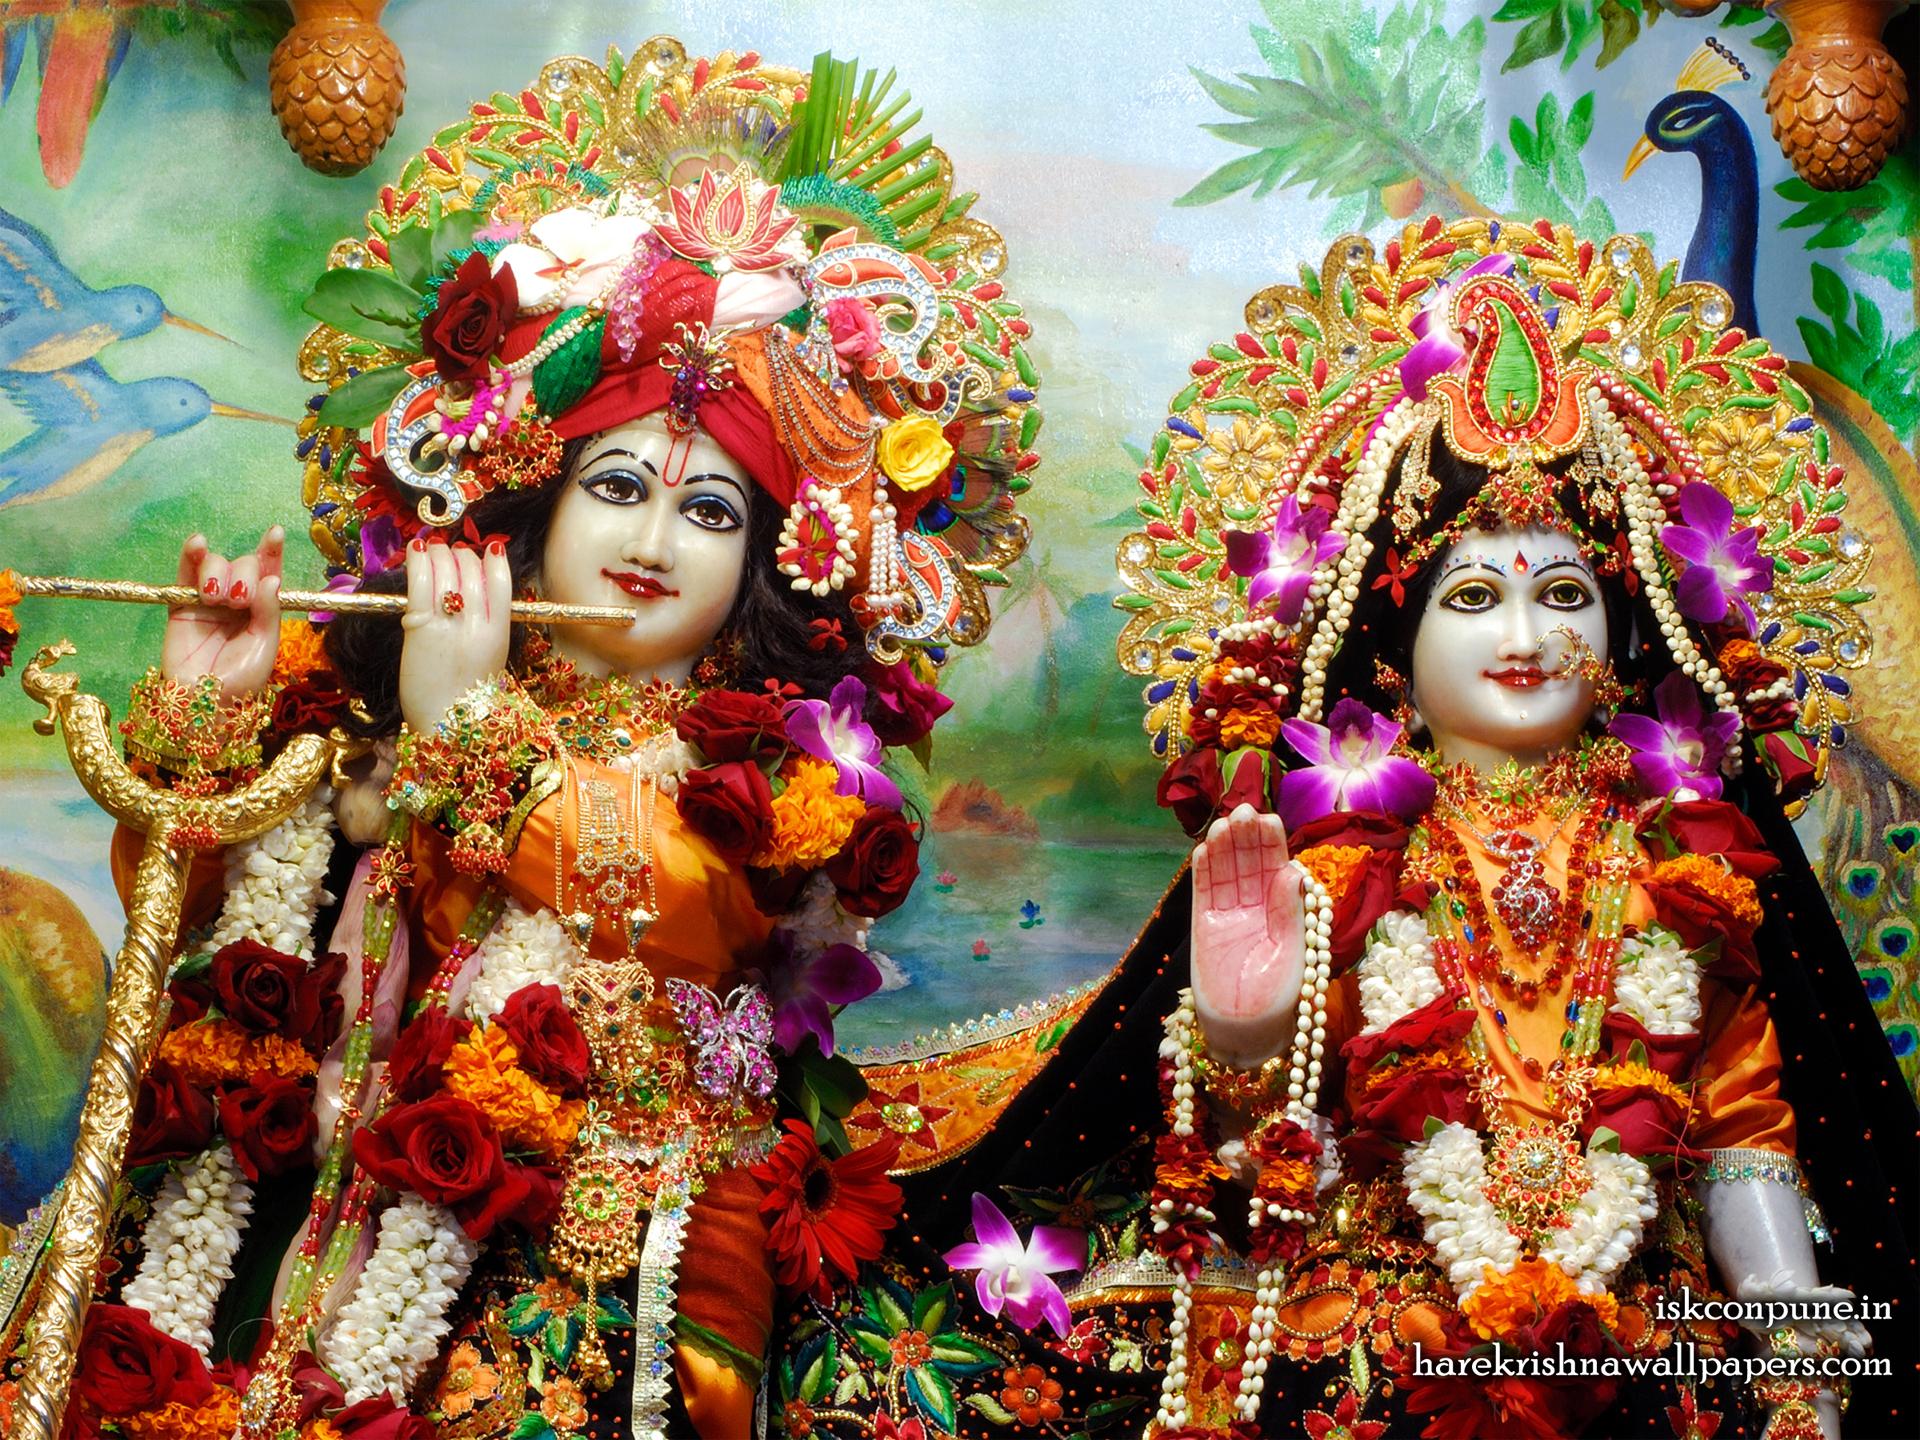 Sri Sri Radha Kunjabihari Close up Wallpaper (001) Size 1920x1440 Download